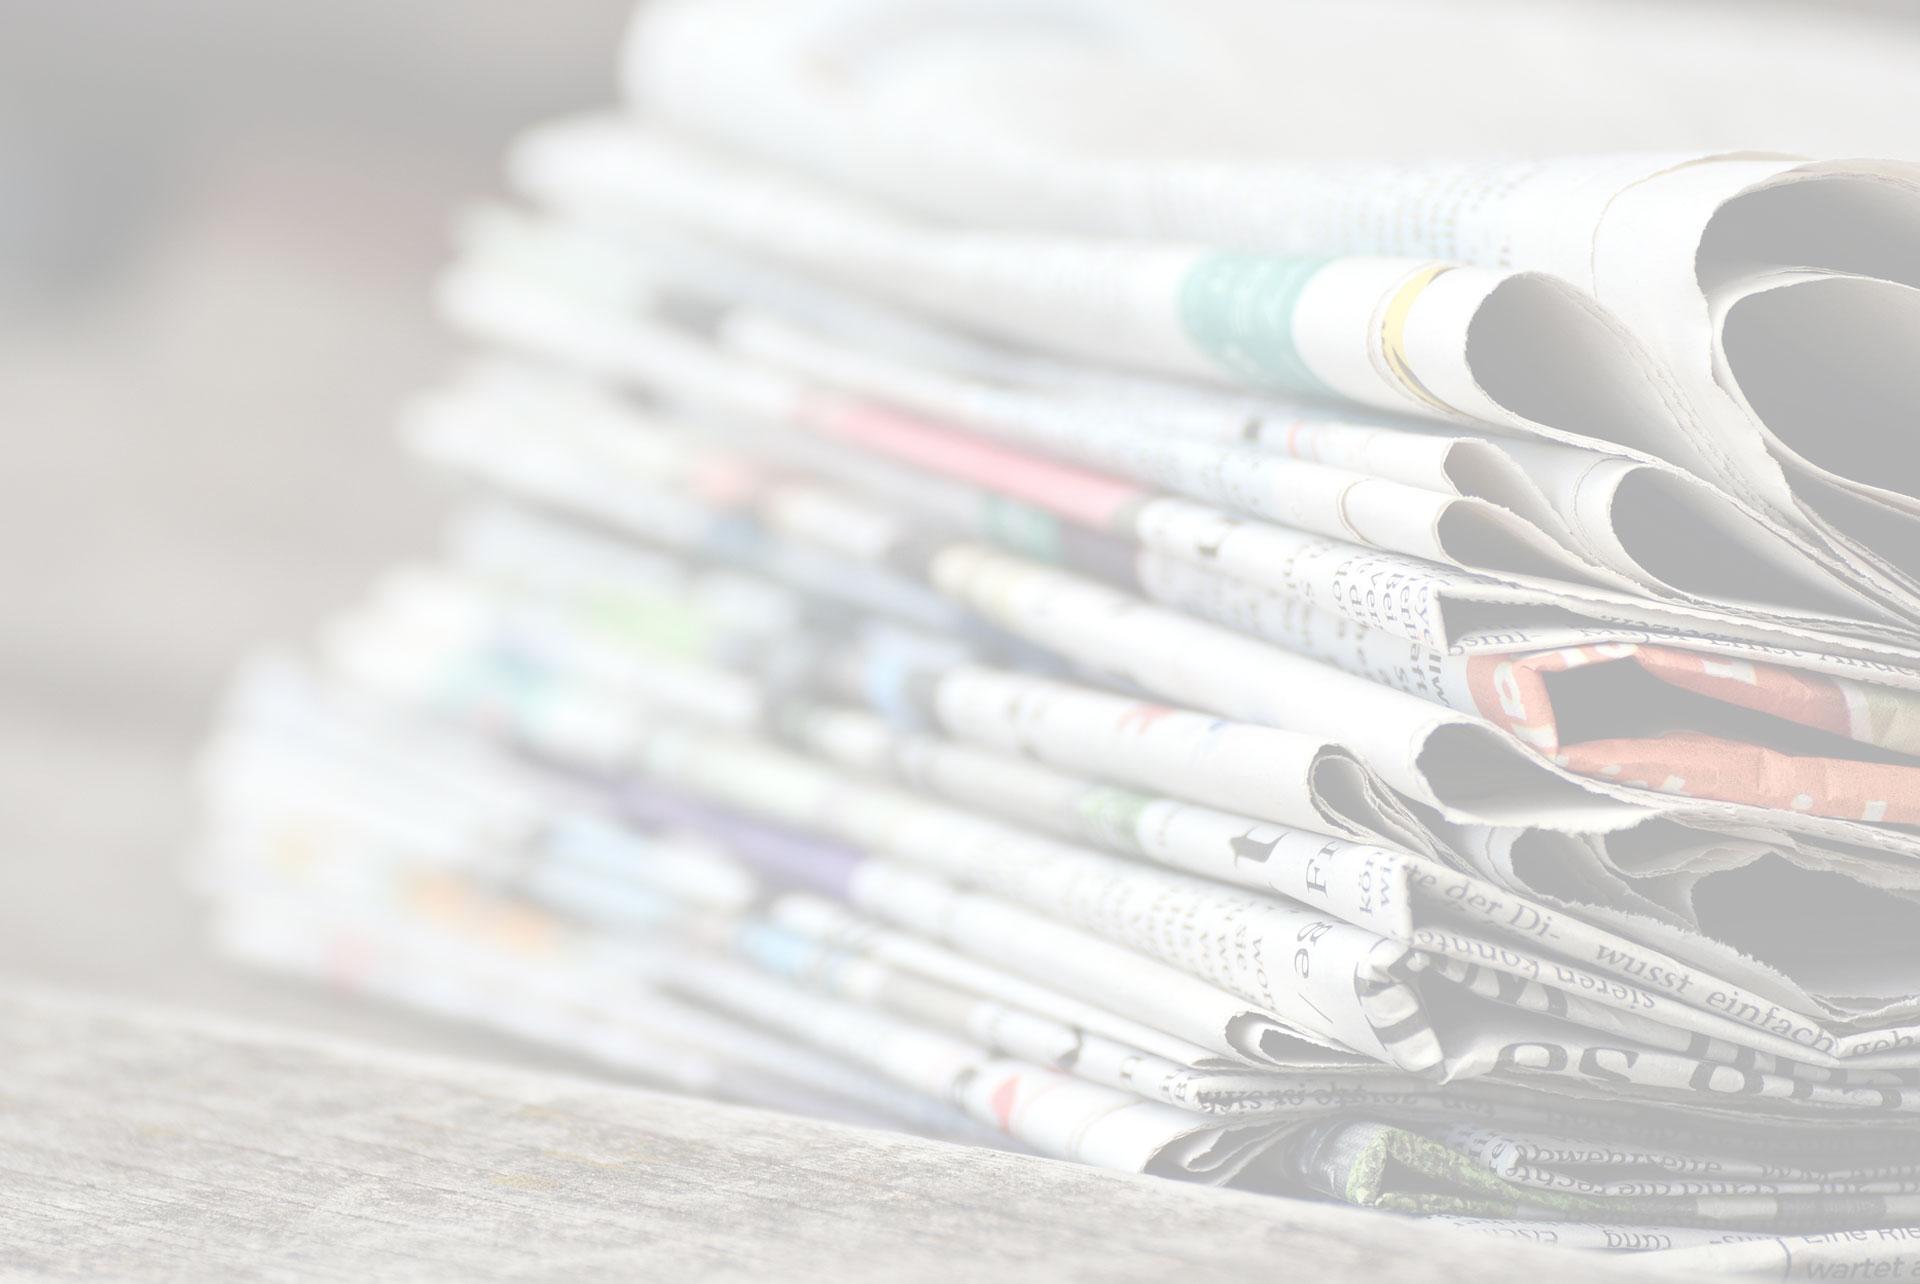 Pearl Harbor, militare apre il fuoco e fa due vittime. L'autore del gesto si è poi suicidato